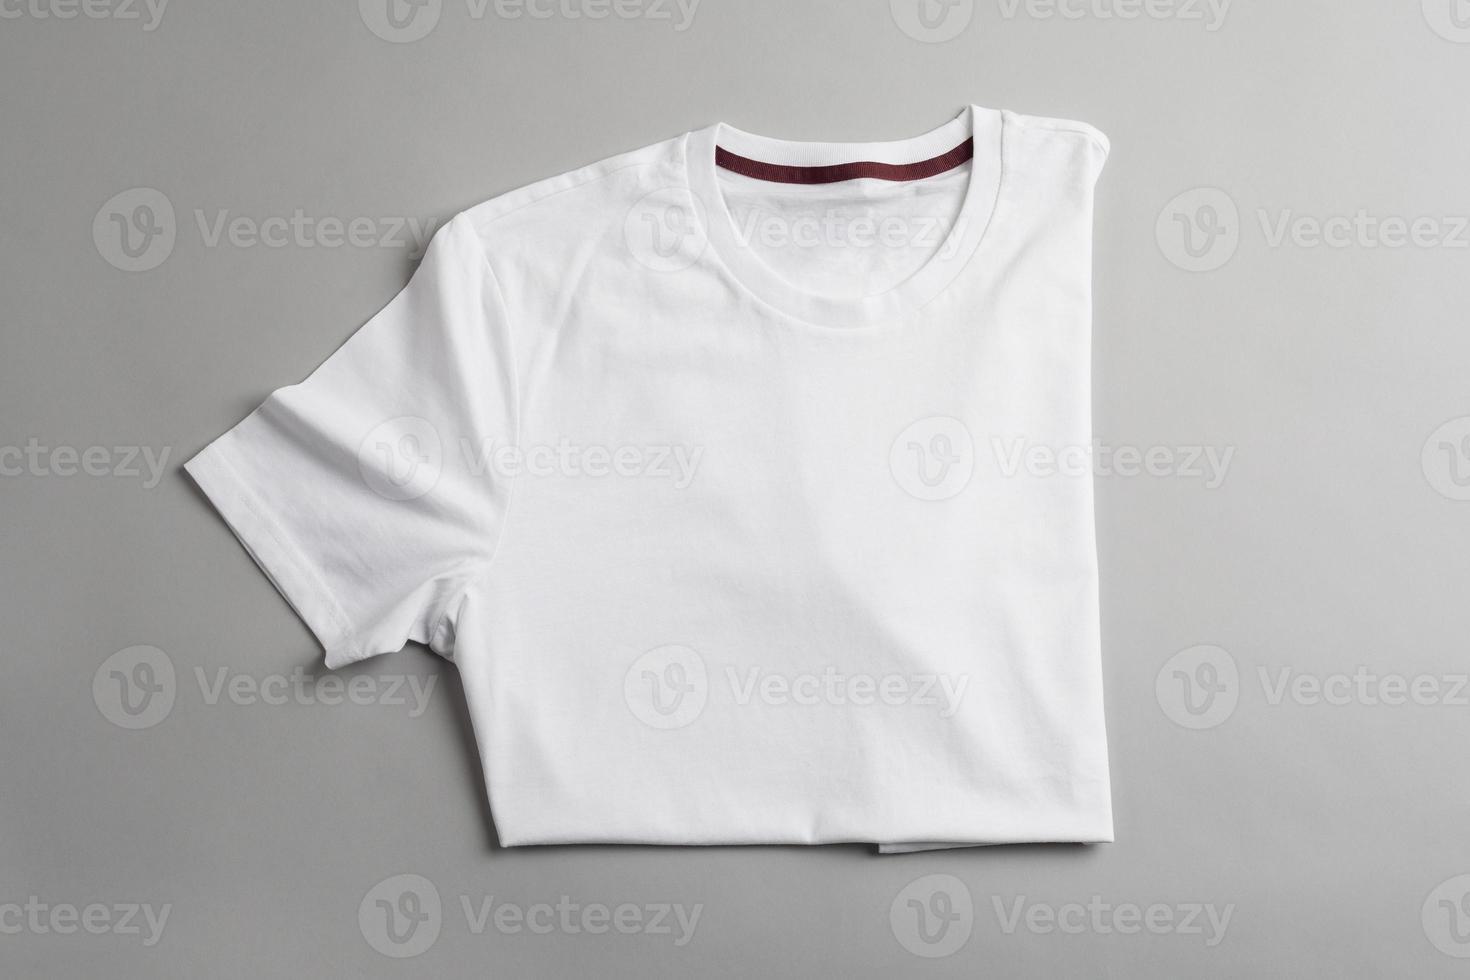 plantilla de camiseta blanca lista para su diseño gráfico. foto